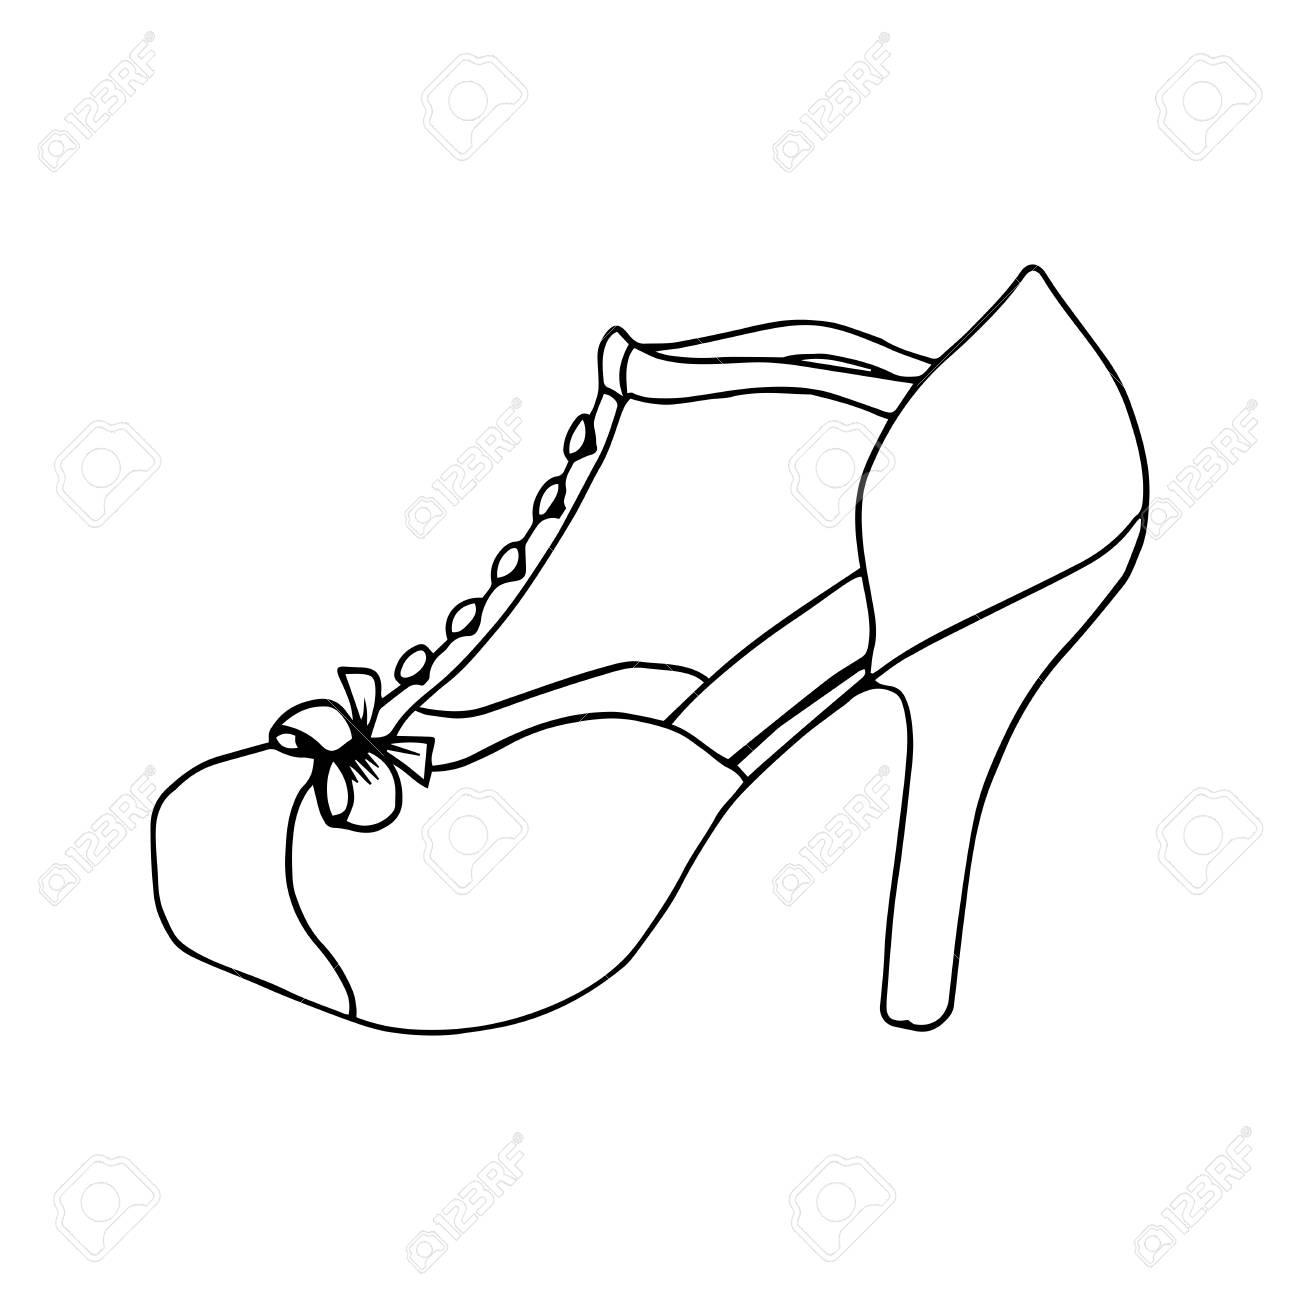 4898ba681fe256 Banque d'images - Chaussures à talons hauts pour femme. L'illustration de  chaussures de mode. Clipart isolé pour la conception de pages de livres à  colorier